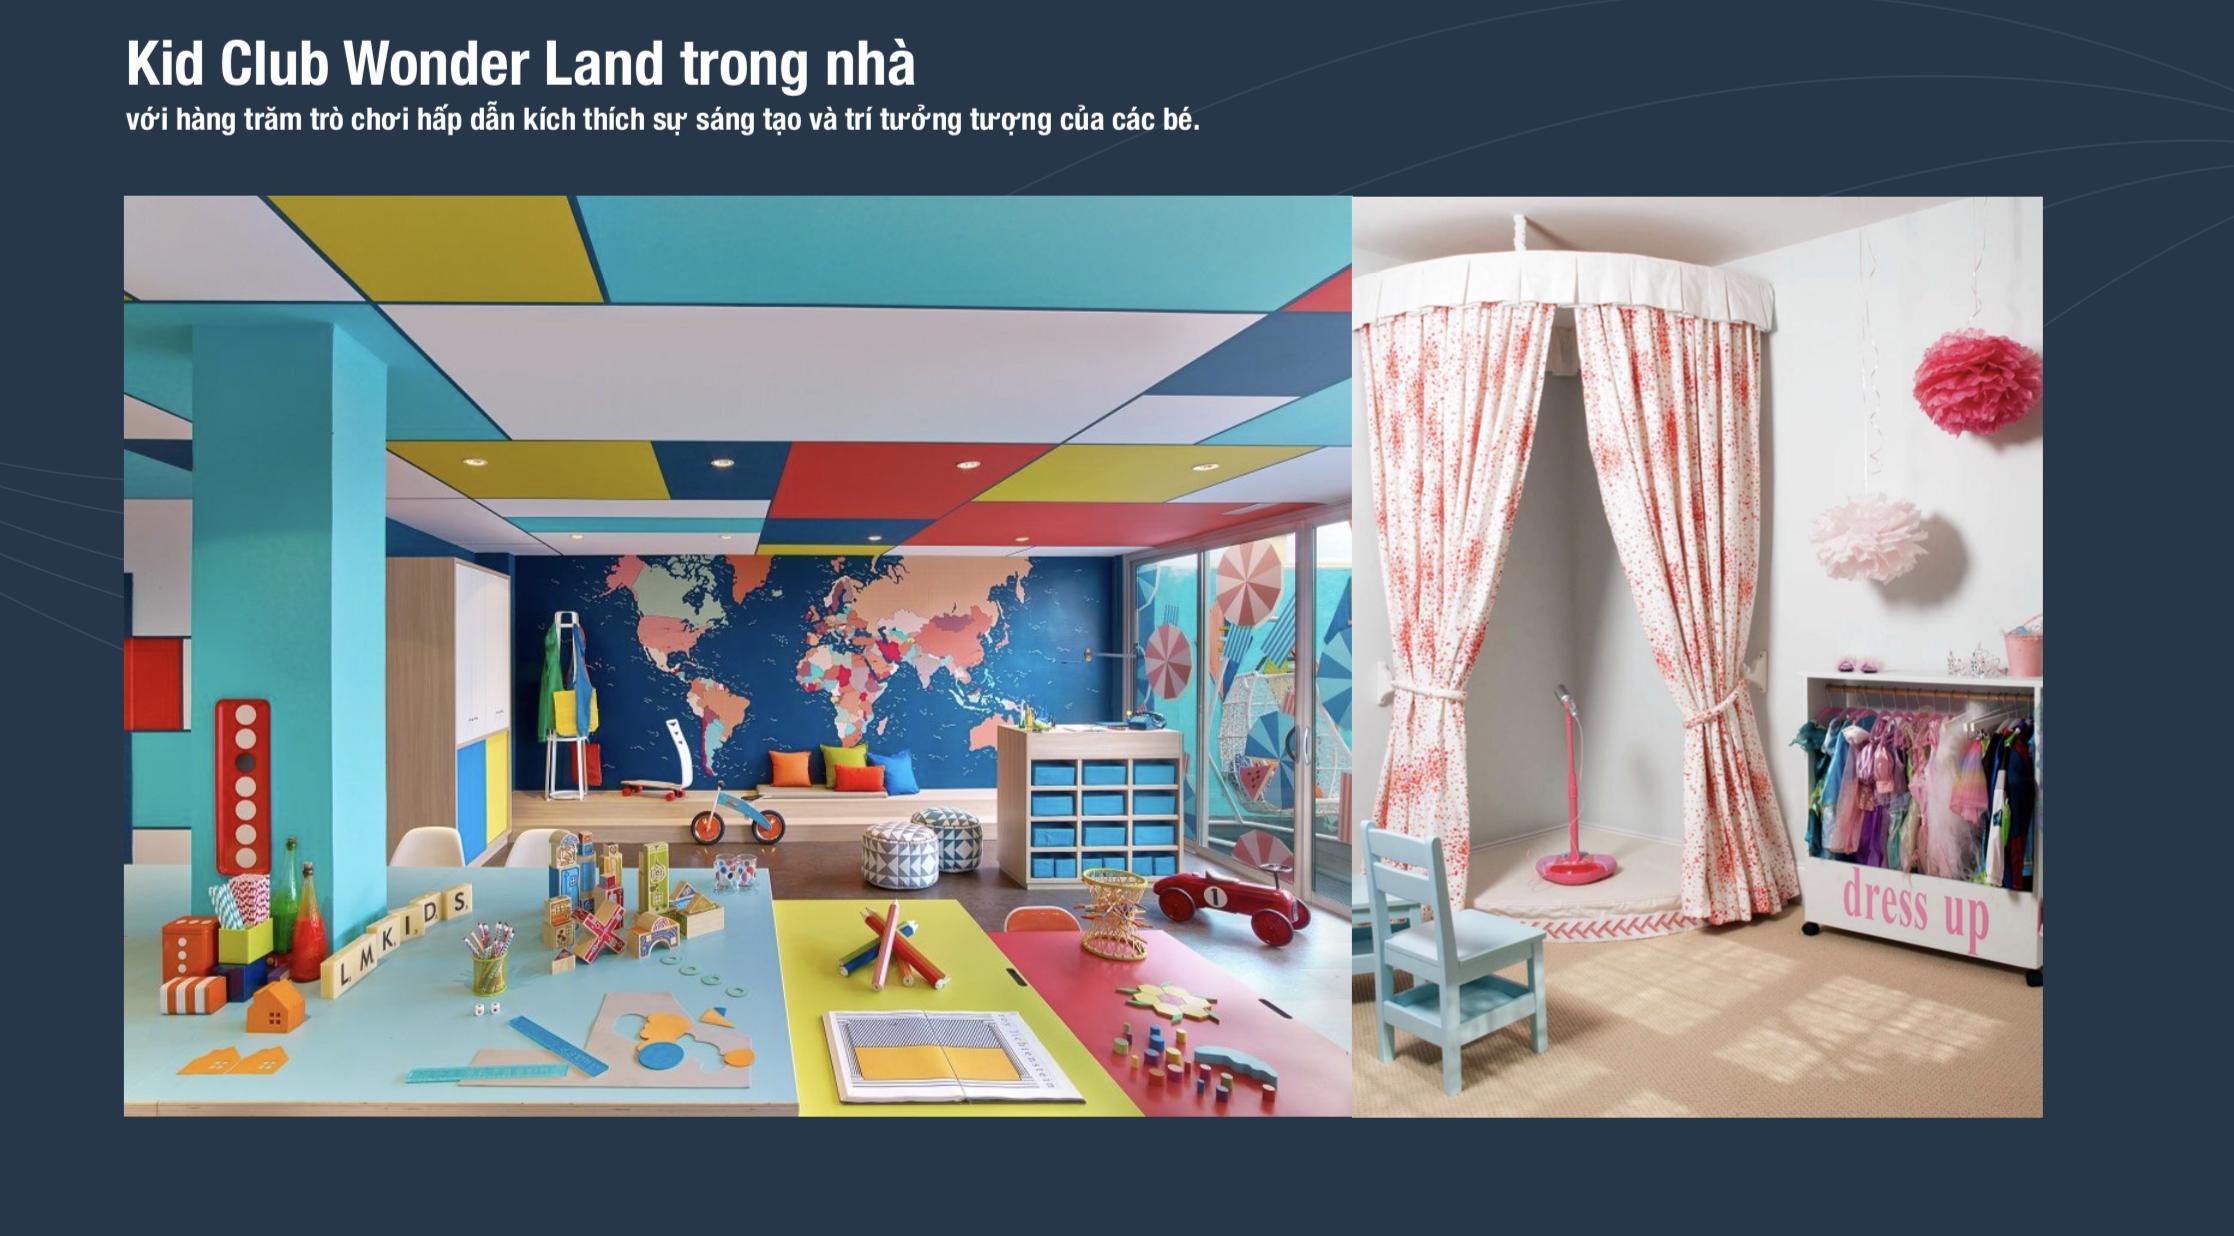 Kid Club Wonder Land The Maris Vũng Tàu